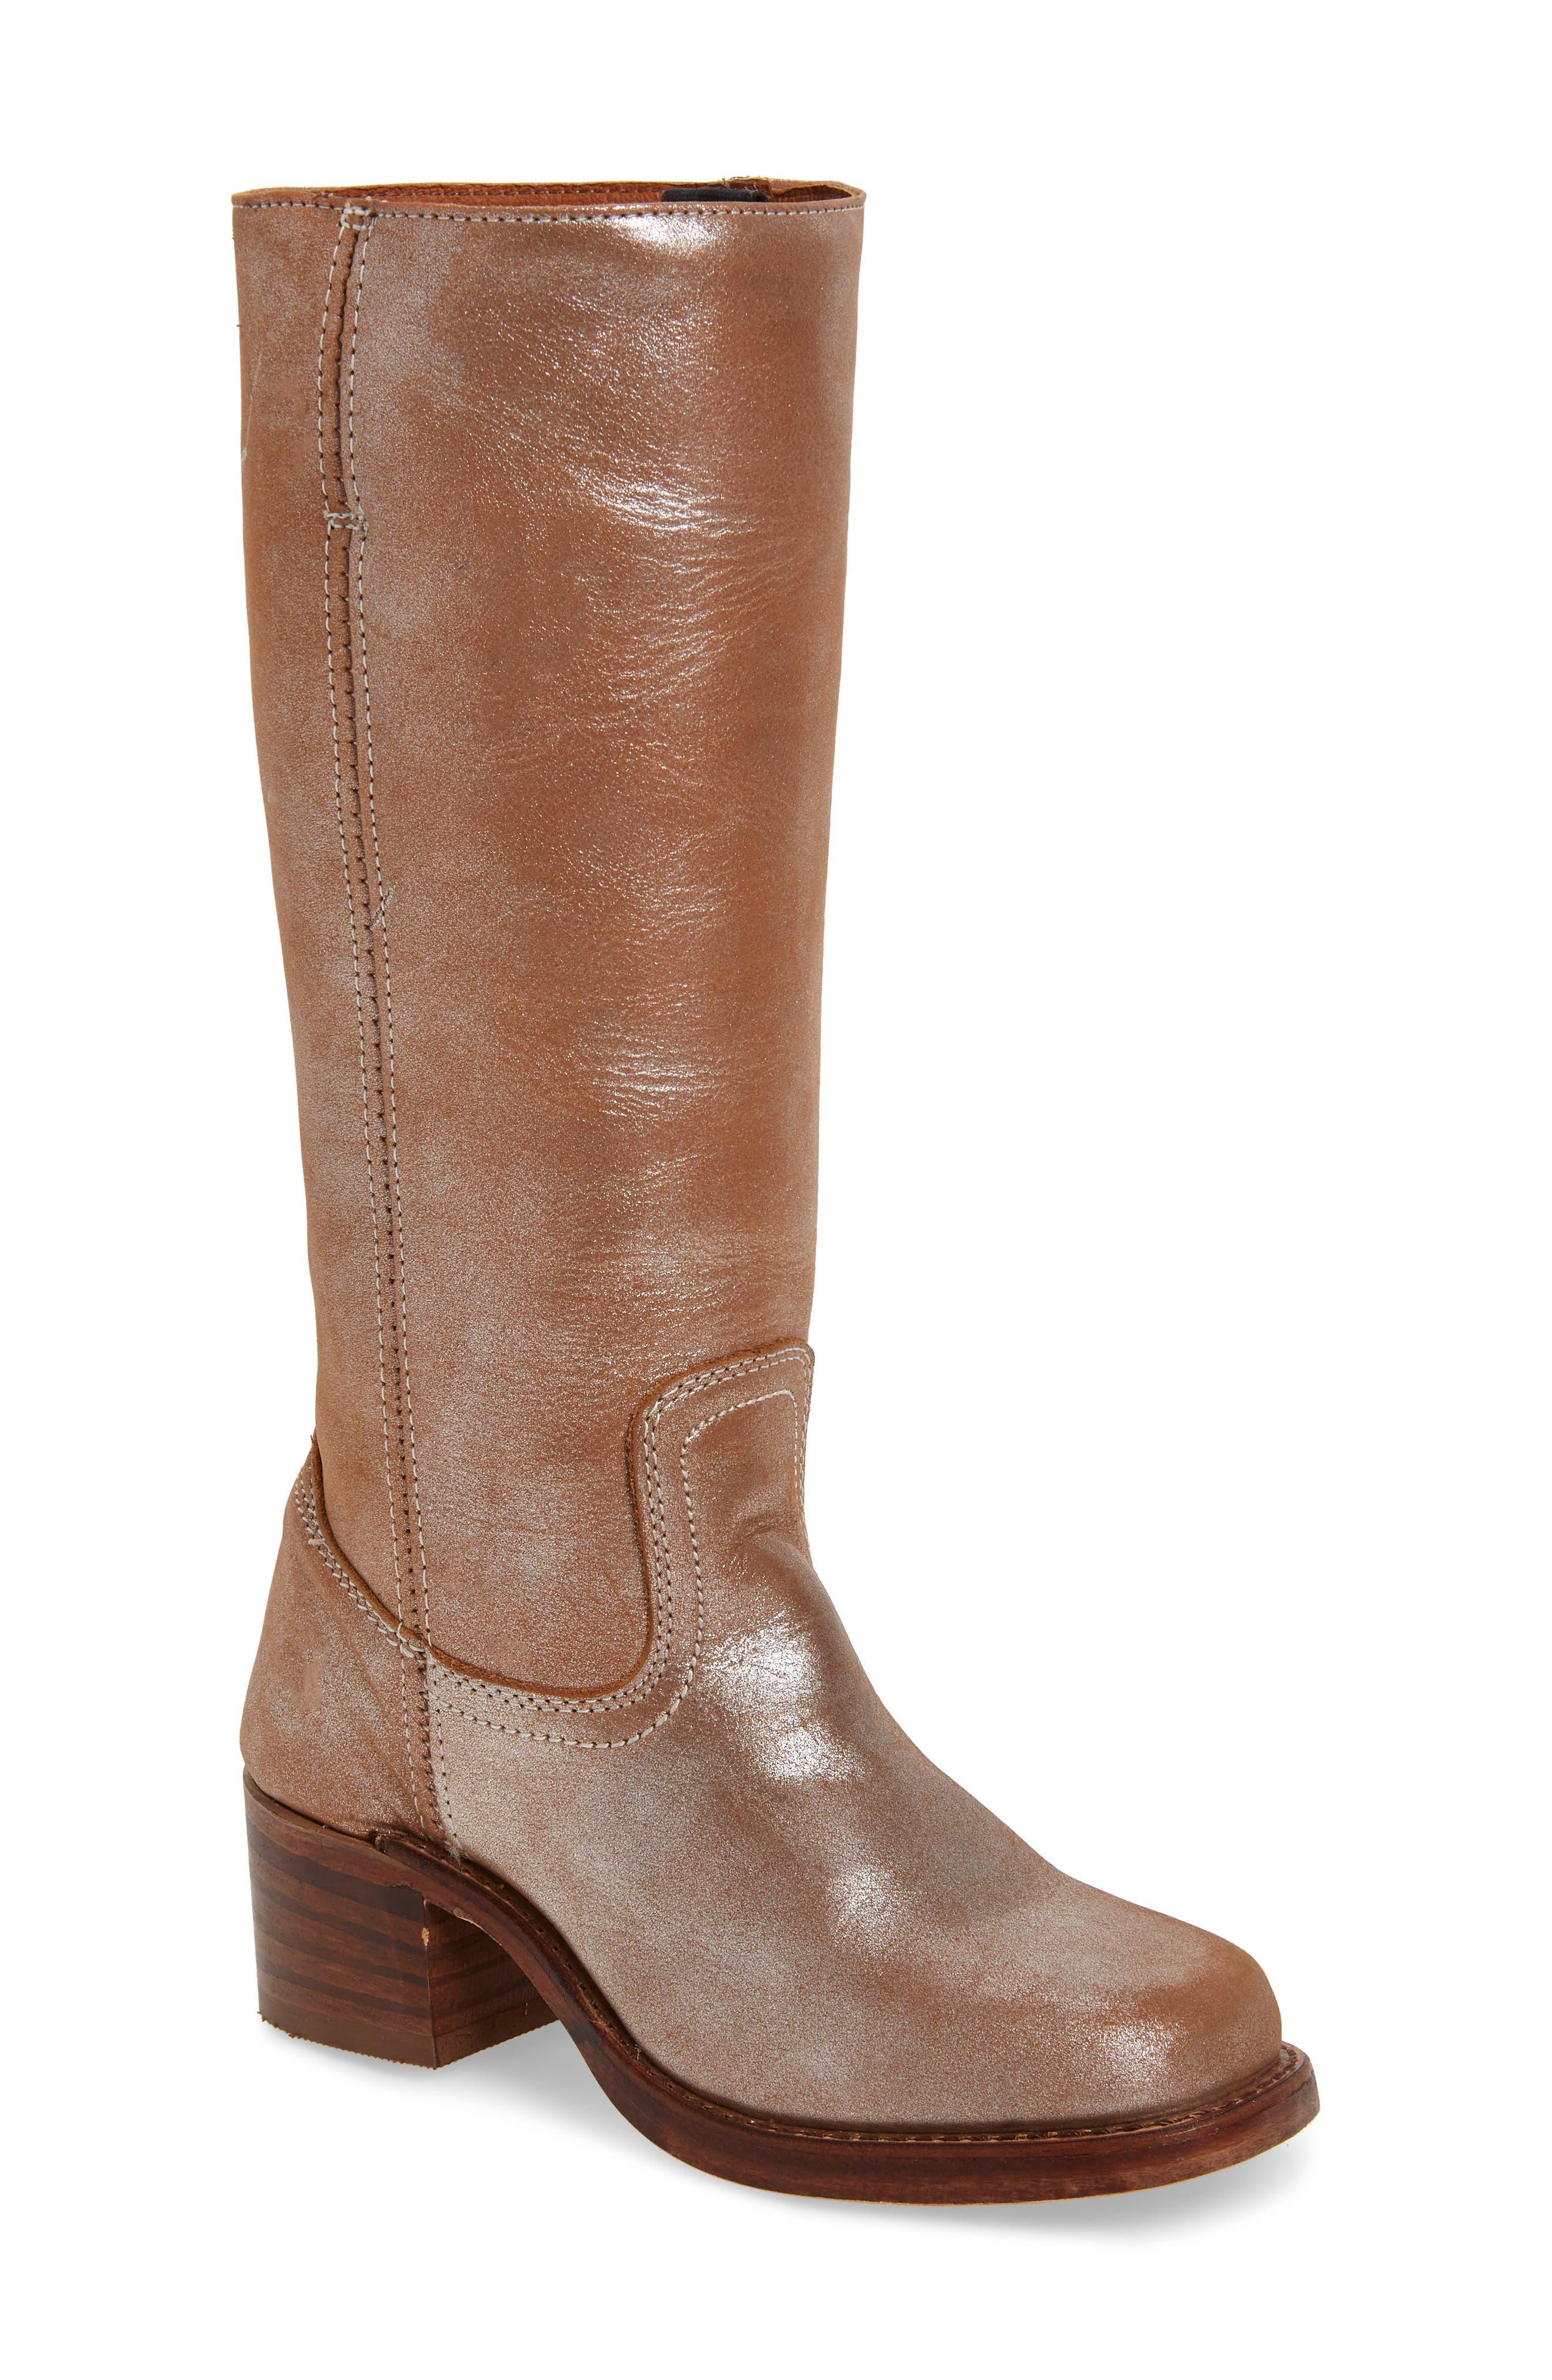 54b851b52 Frye Sale, Women's Shoes